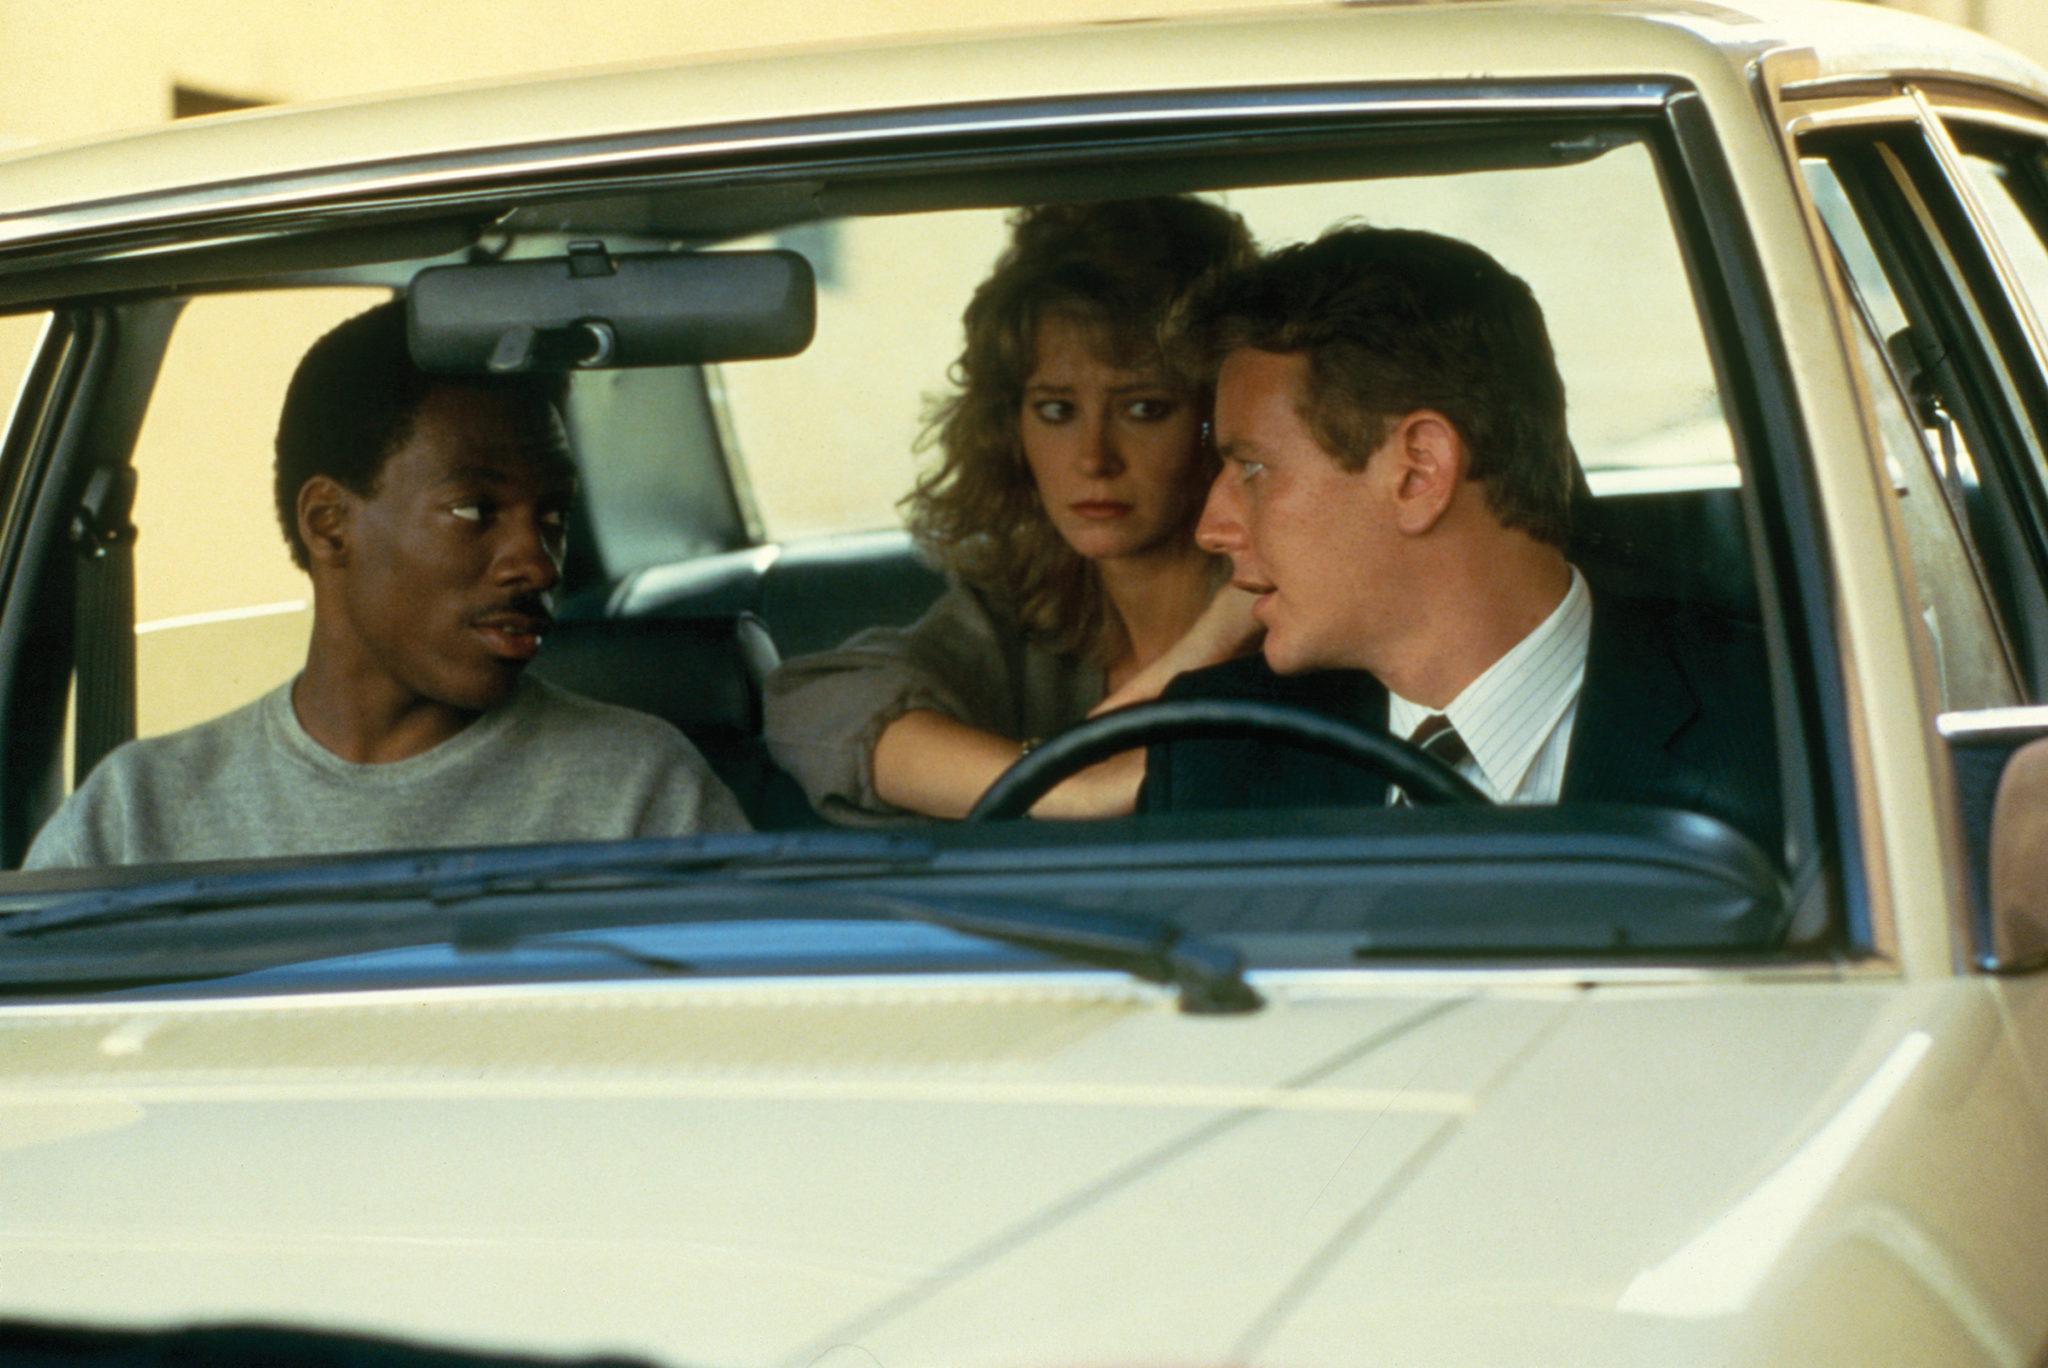 In einem beigen Auto sitzen Axel Foley (Eddie Murphy) auf dem Beifahrersitz, Jenny Summers (Lisa Eilbacher) auf der Rückbank und Billy Rosewood (Judge Reinhold) auf dem Fahrersitz. Die Lage scheint angespannt.